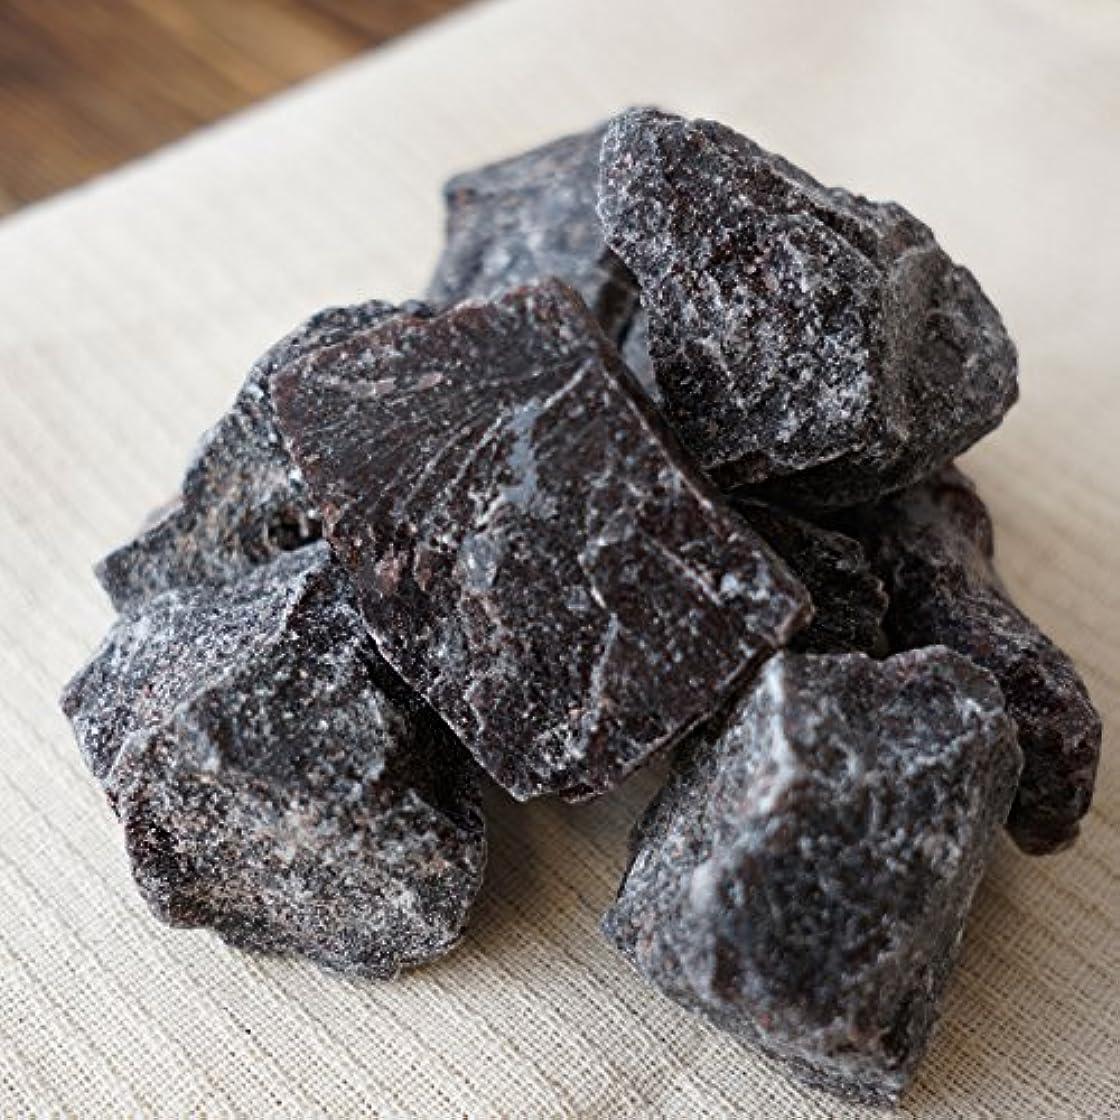 労苦暗殺キノコ希少 インド岩塩 ルビー ブロック 約2-5cm 10kg 10,000g 原料